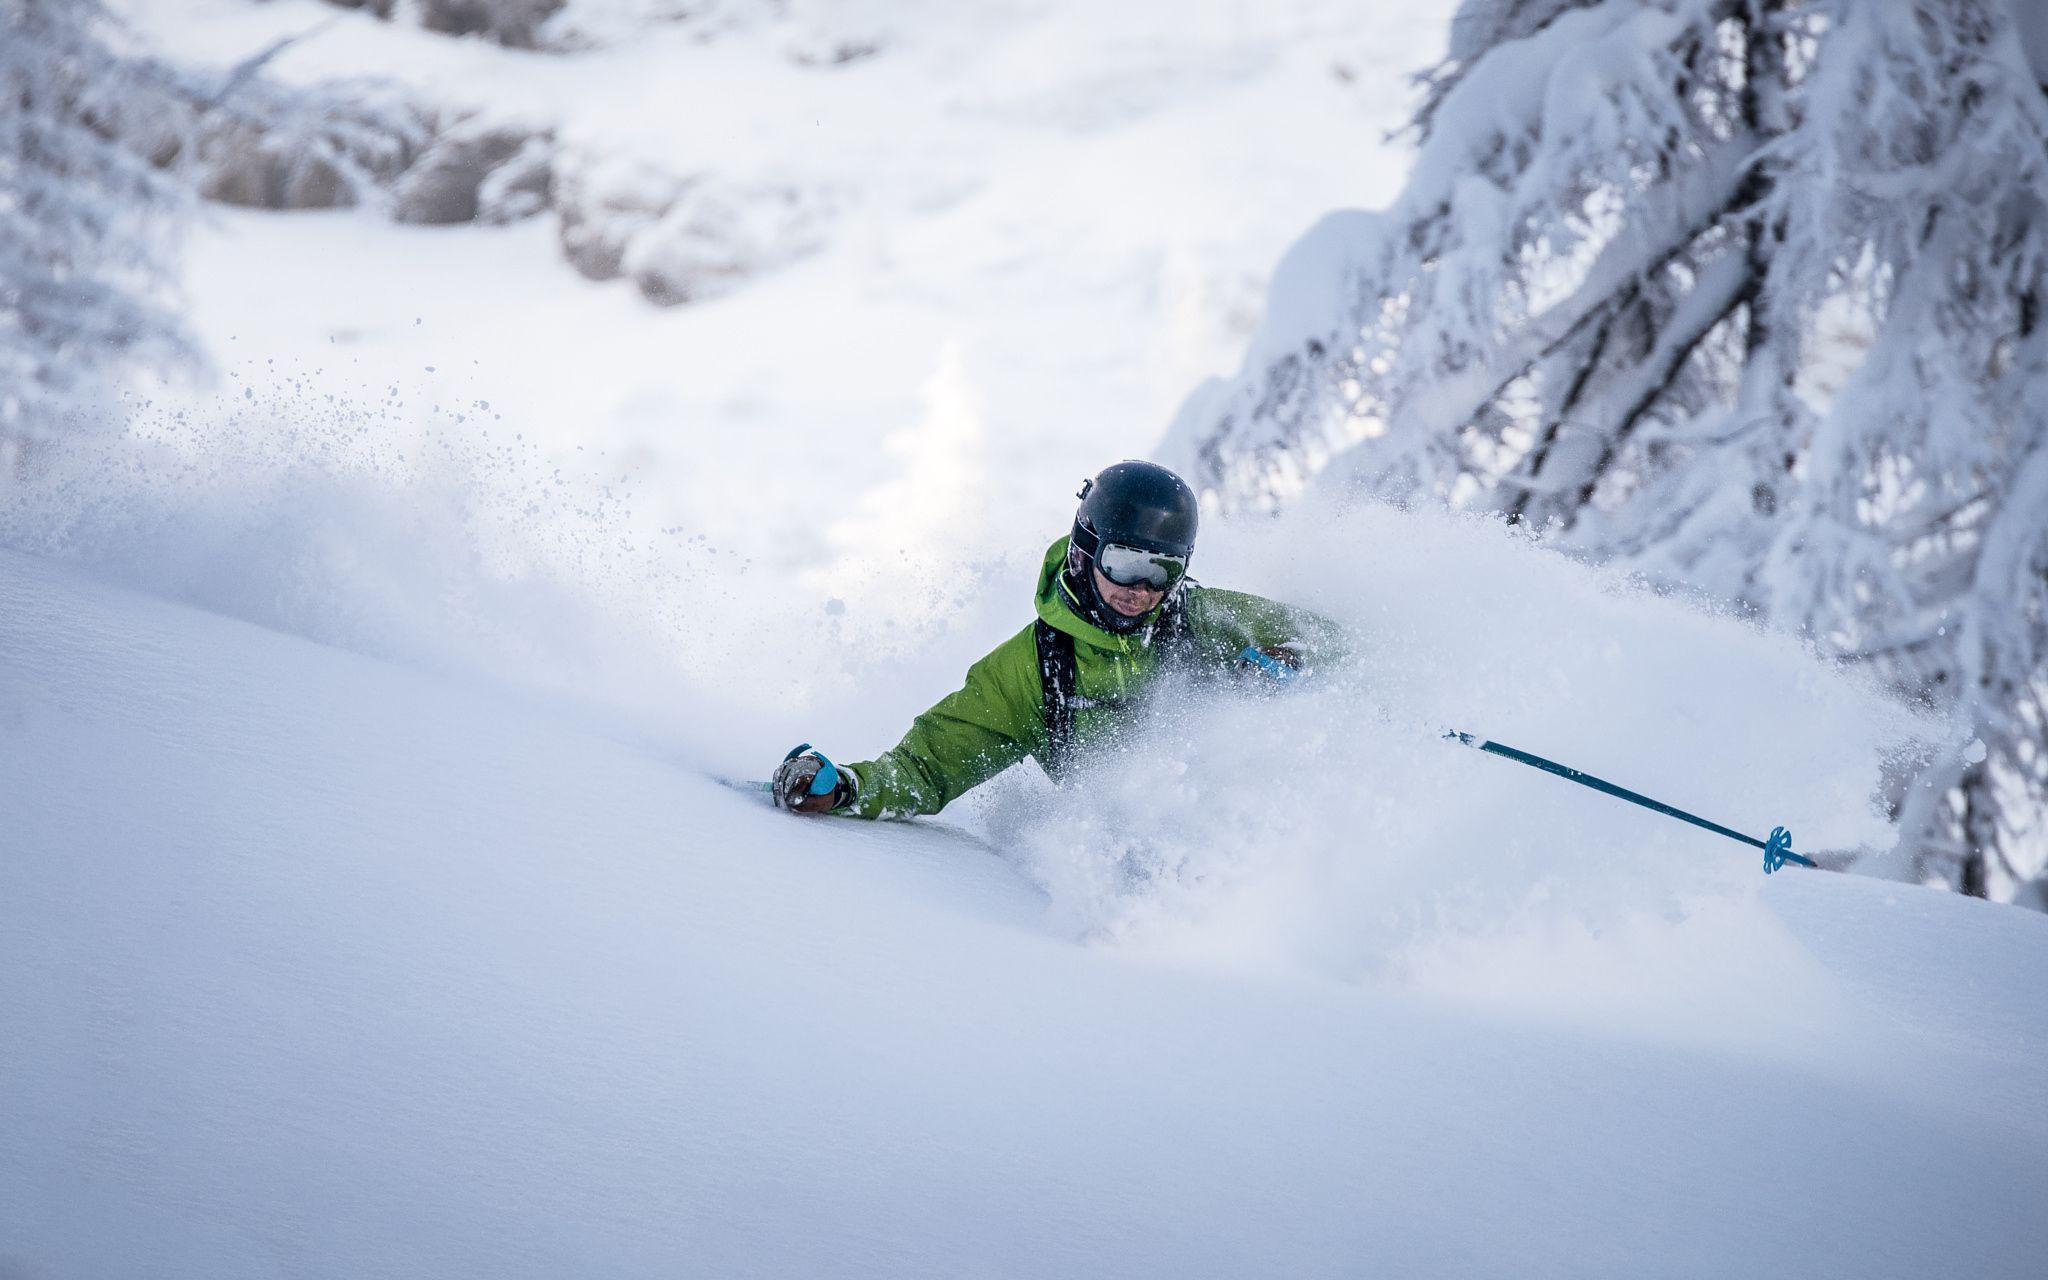 Deep Powder Skiing Powder Skiing Skiing Backcountry Skiing